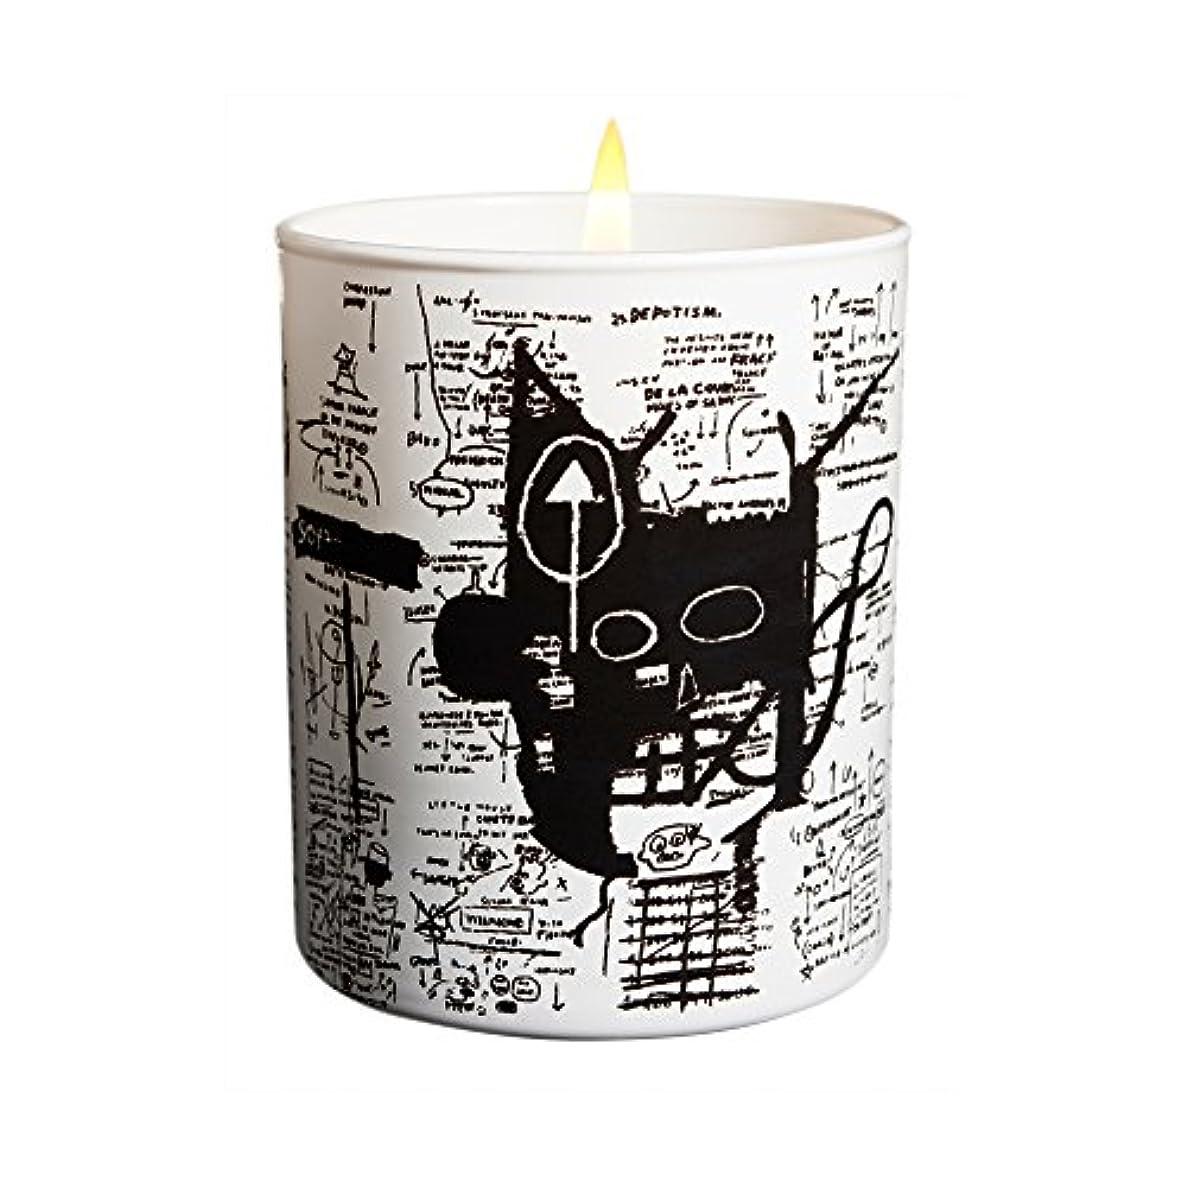 裁判所よろしくサーバジャン ミシェル バスキア リターン オブ ザ セントラル フィギュア キャンドル(Jean-Michael Basquiat Perfumed Candle